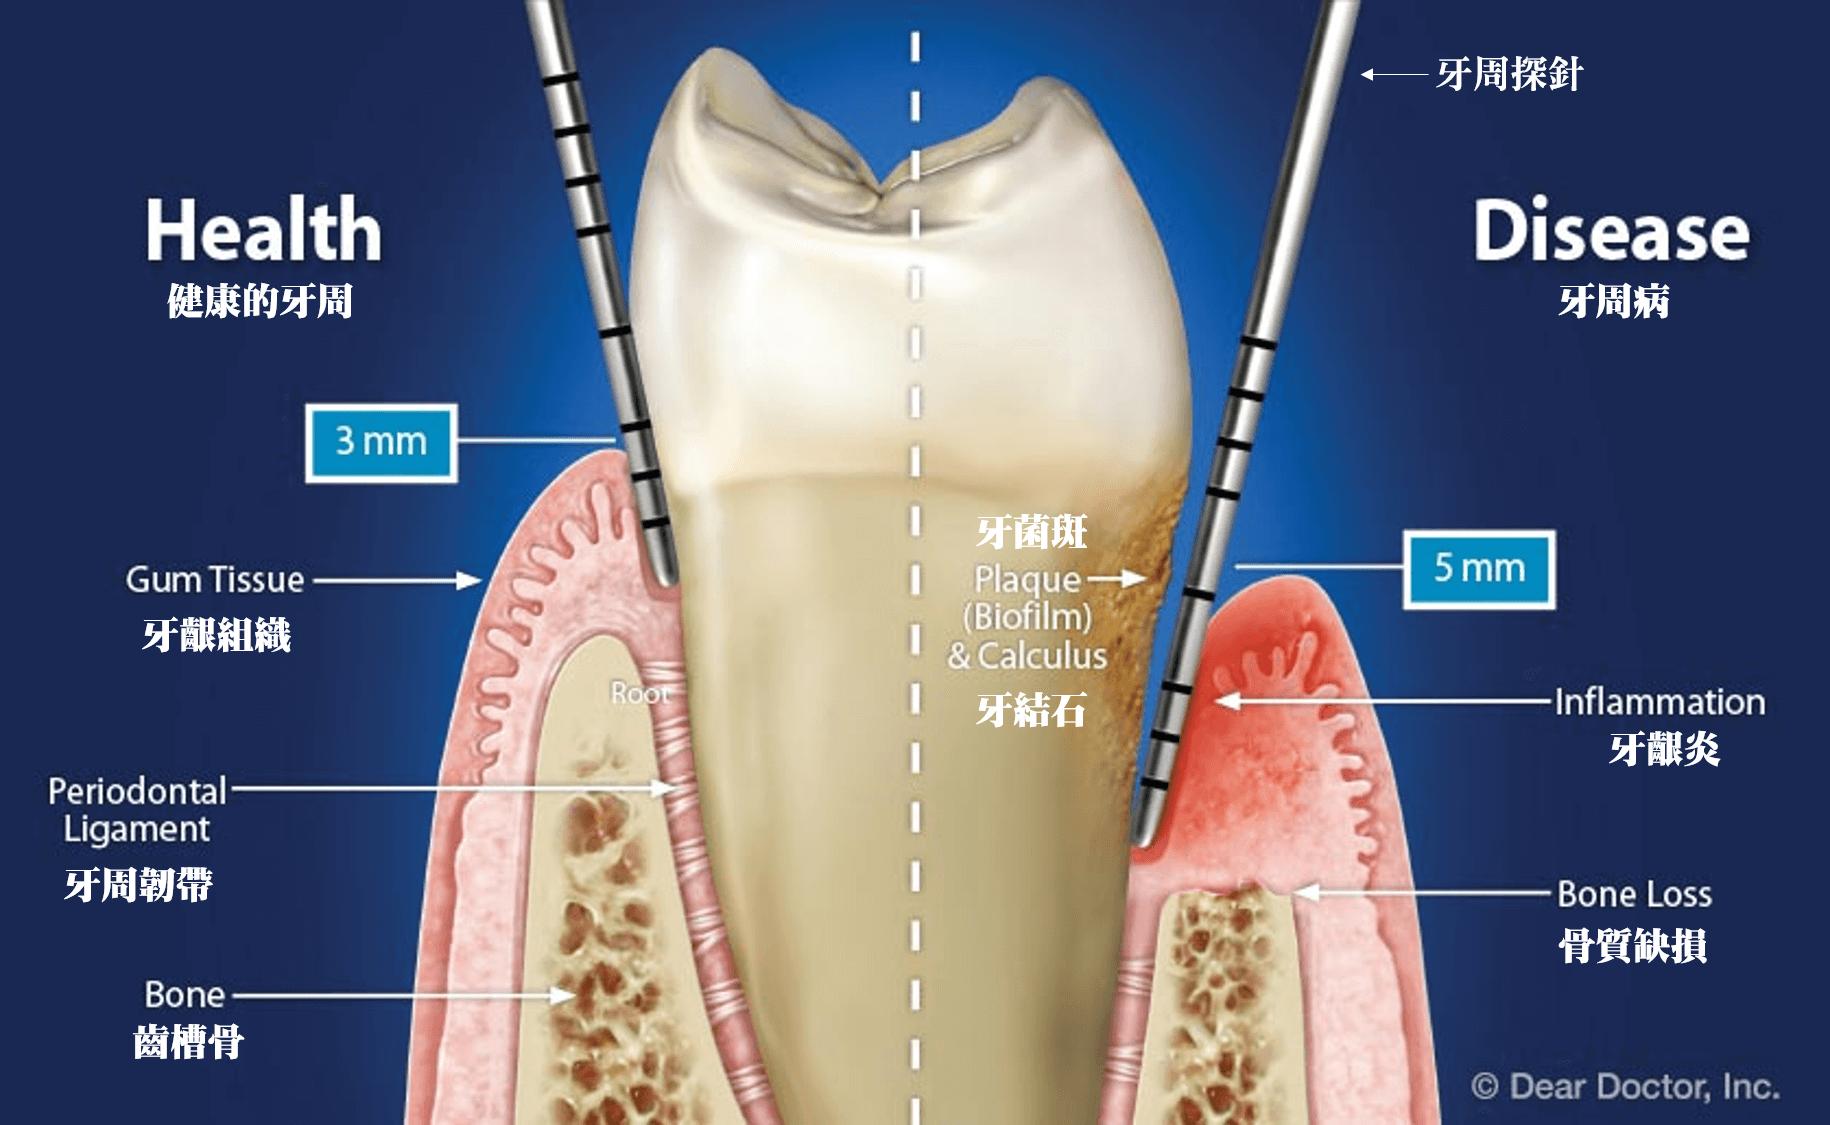 健康的牙周與牙周病示意圖